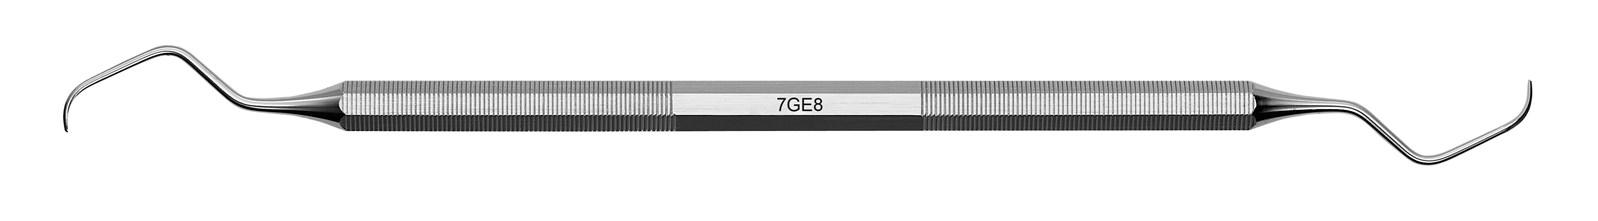 Kyreta Gracey Classic - 7GE8, ADEP silikonový návlek žlutý